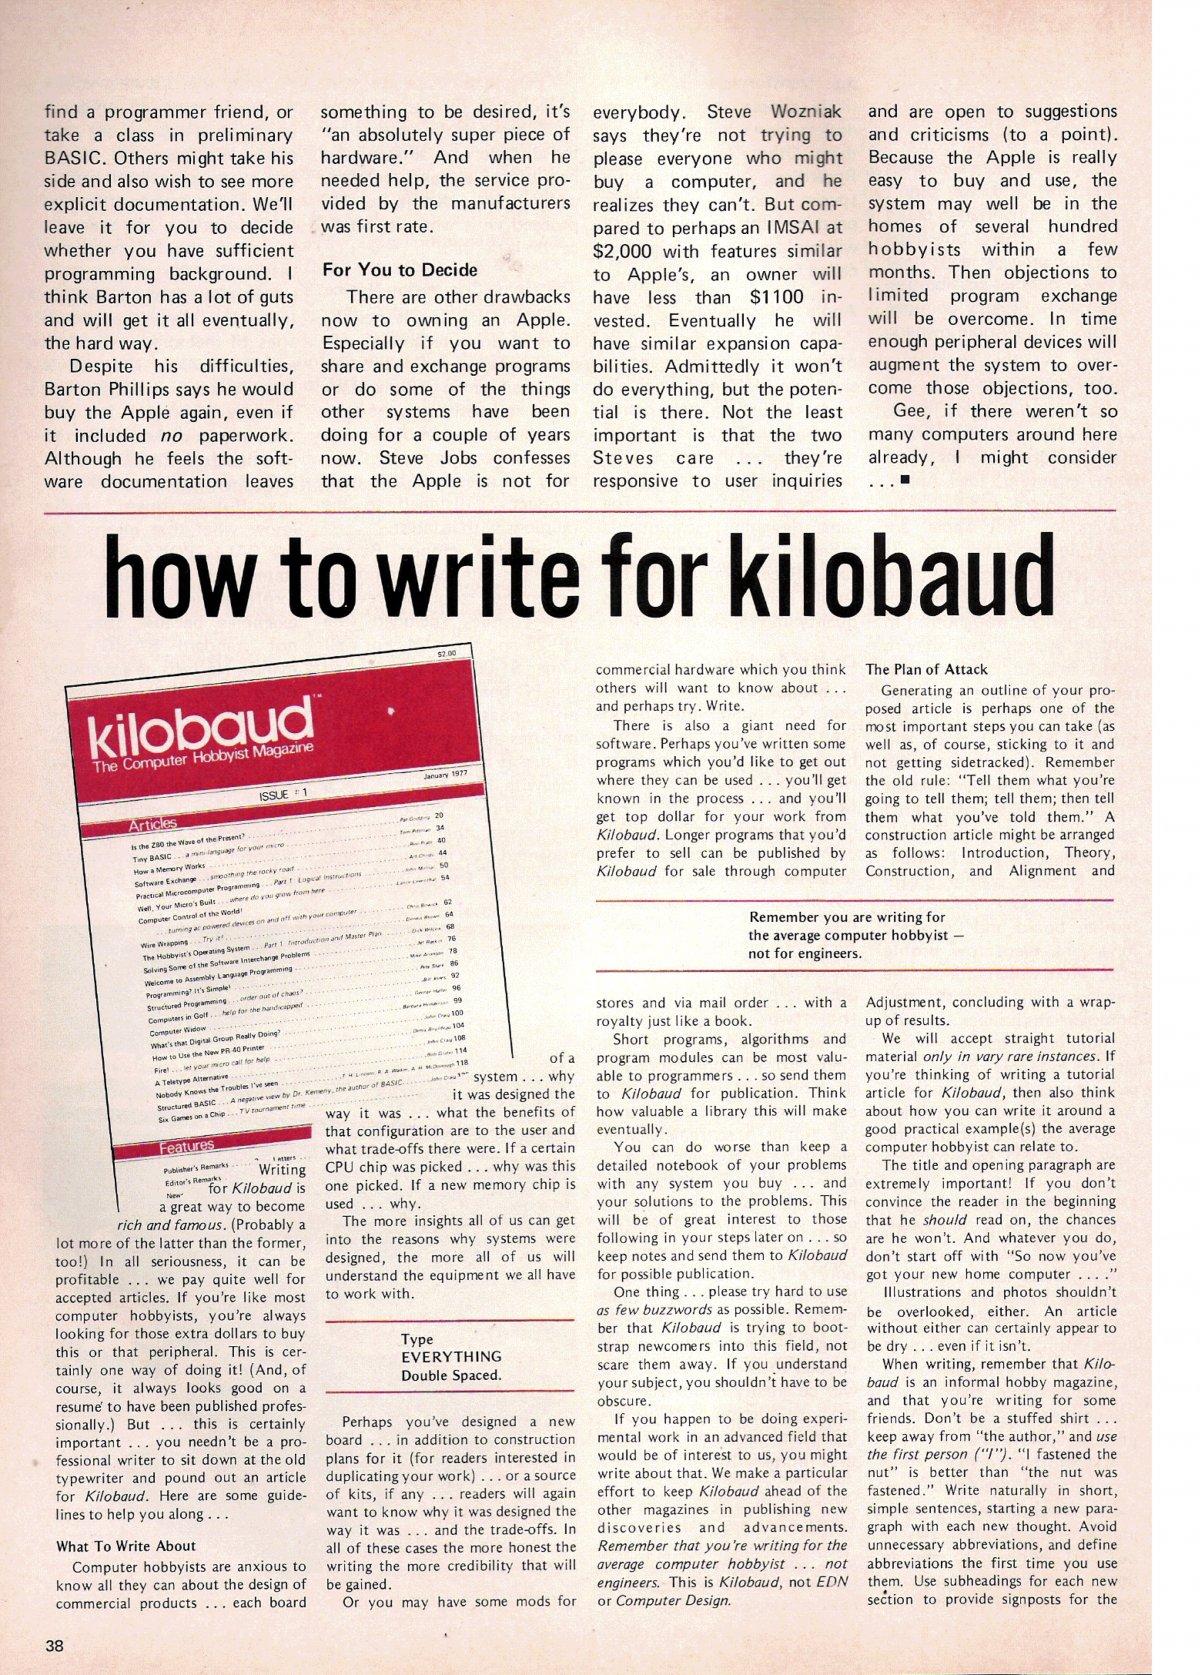 Primul articol despre Apple intr-un ziar 3